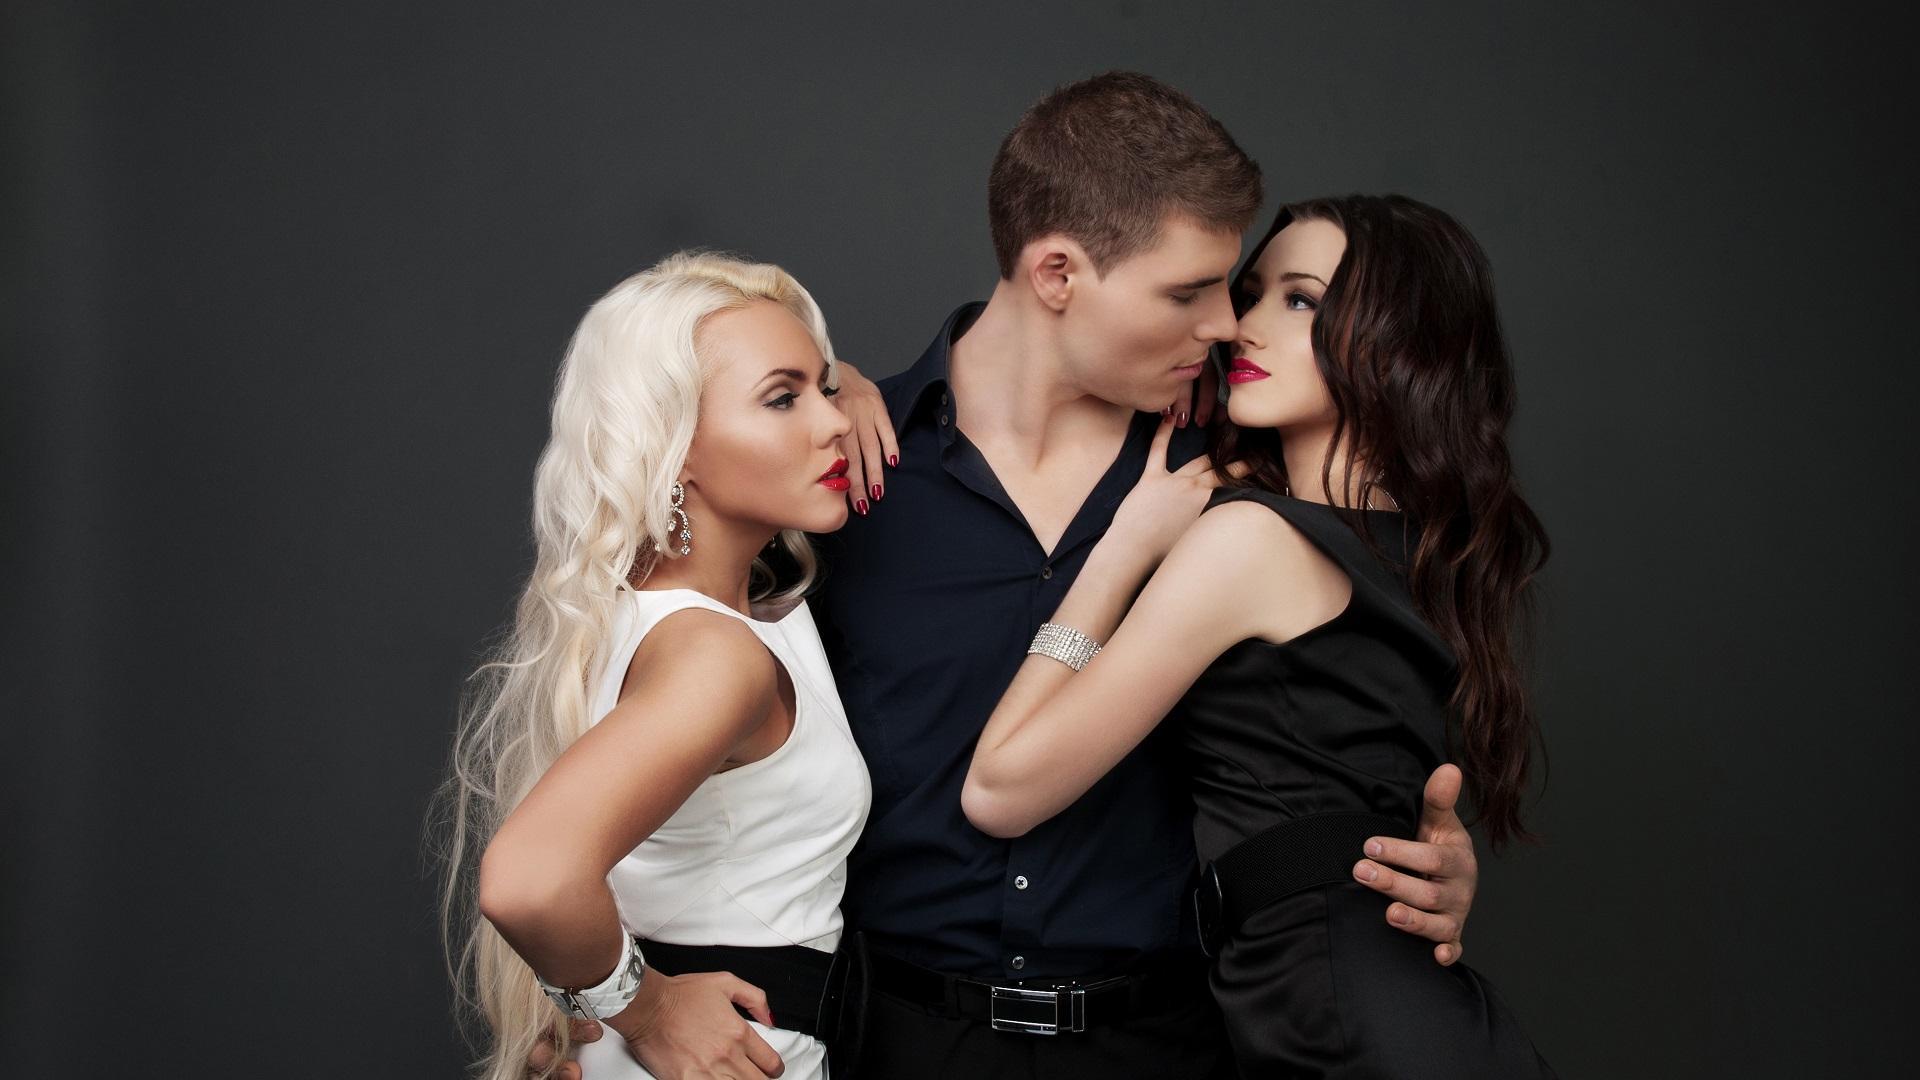 hombre-abrazando-a-dos-mujeres-vestidas-de-blanco-y-negro